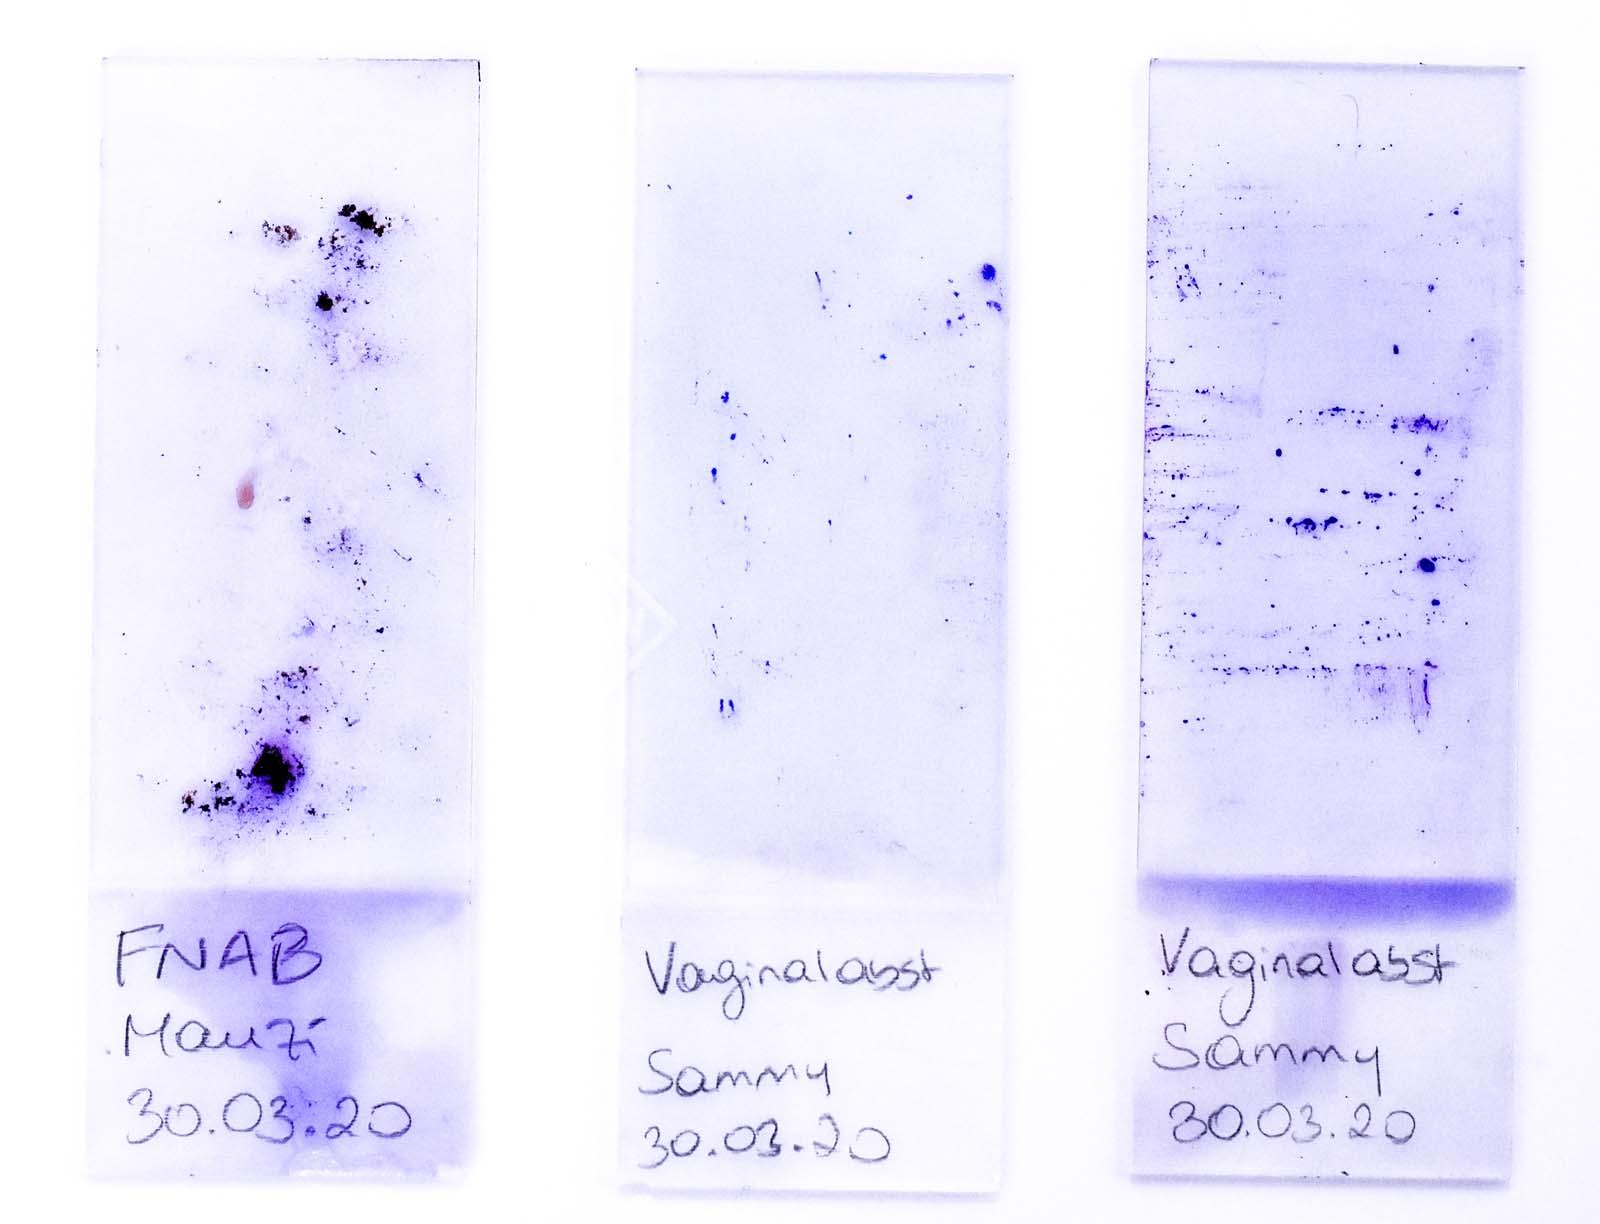 Mikroskopische Untersuchung - Tierklinik Mitterndorf